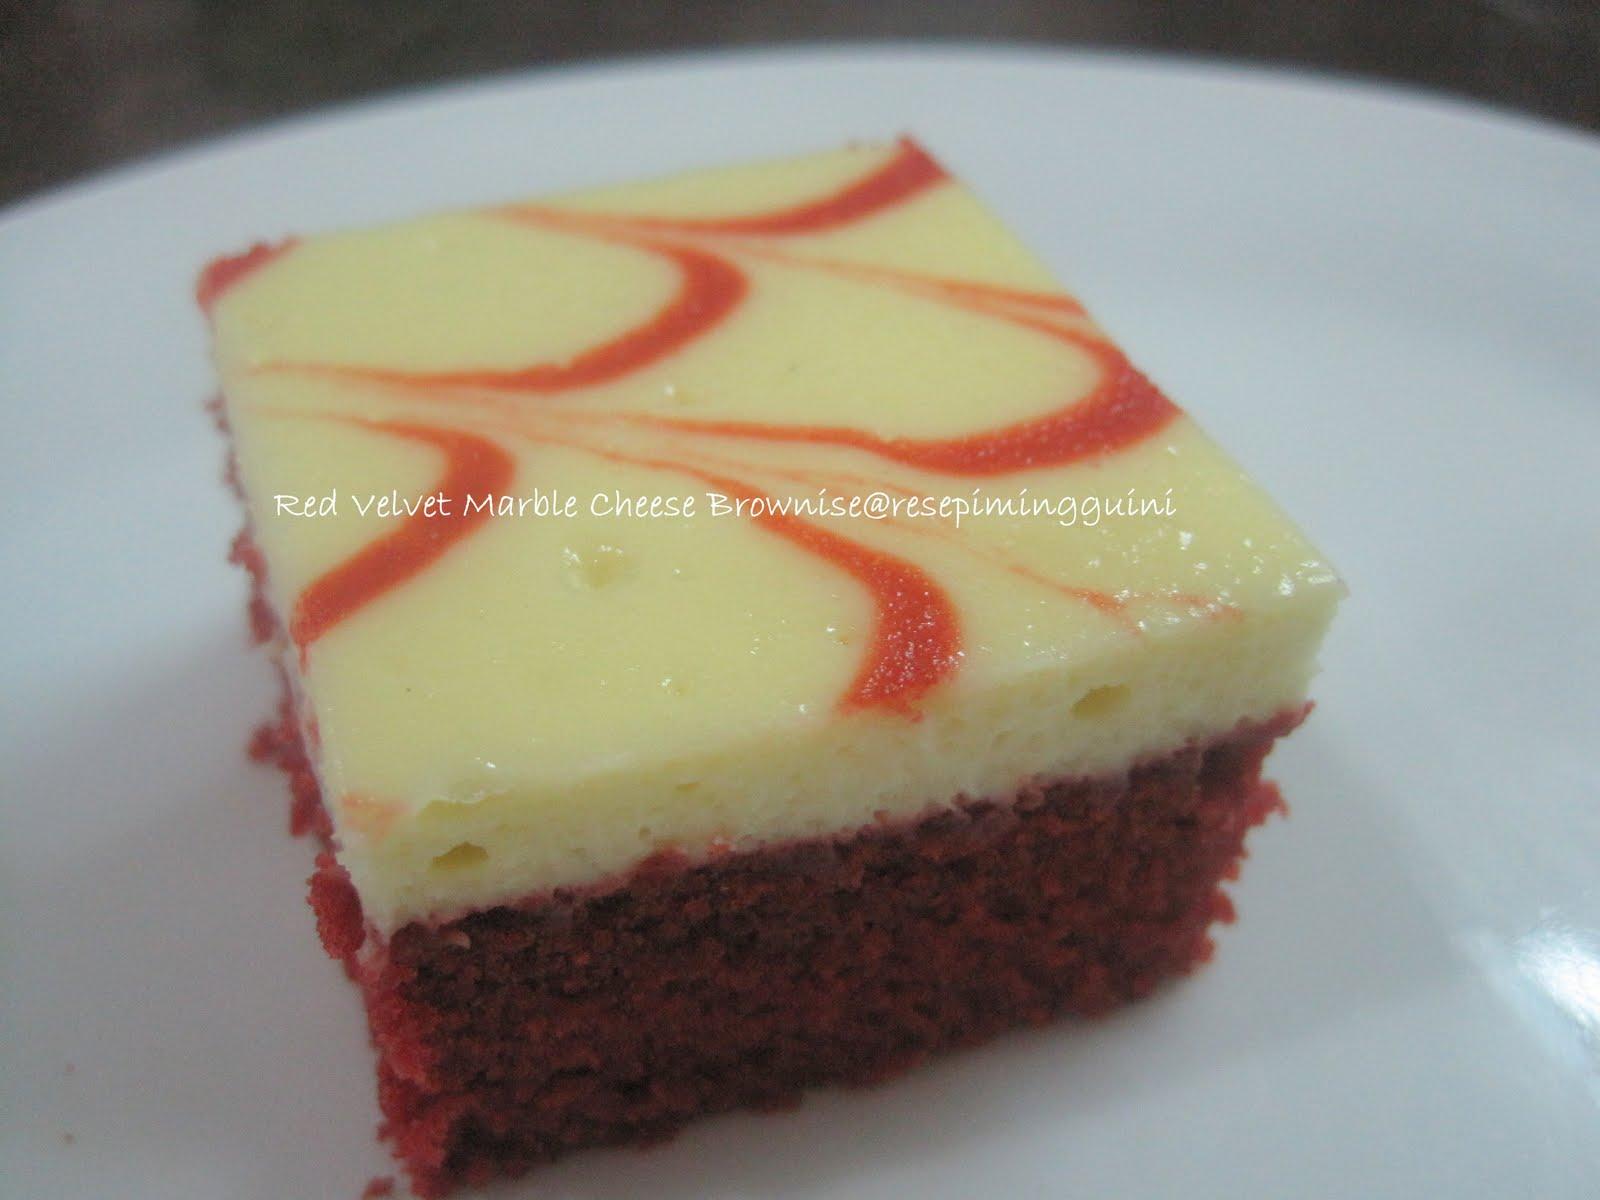 resepi kek cheese foto bugil bokep Resepi Kek Cheese Bakar Sukatan Cawan Enak dan Mudah